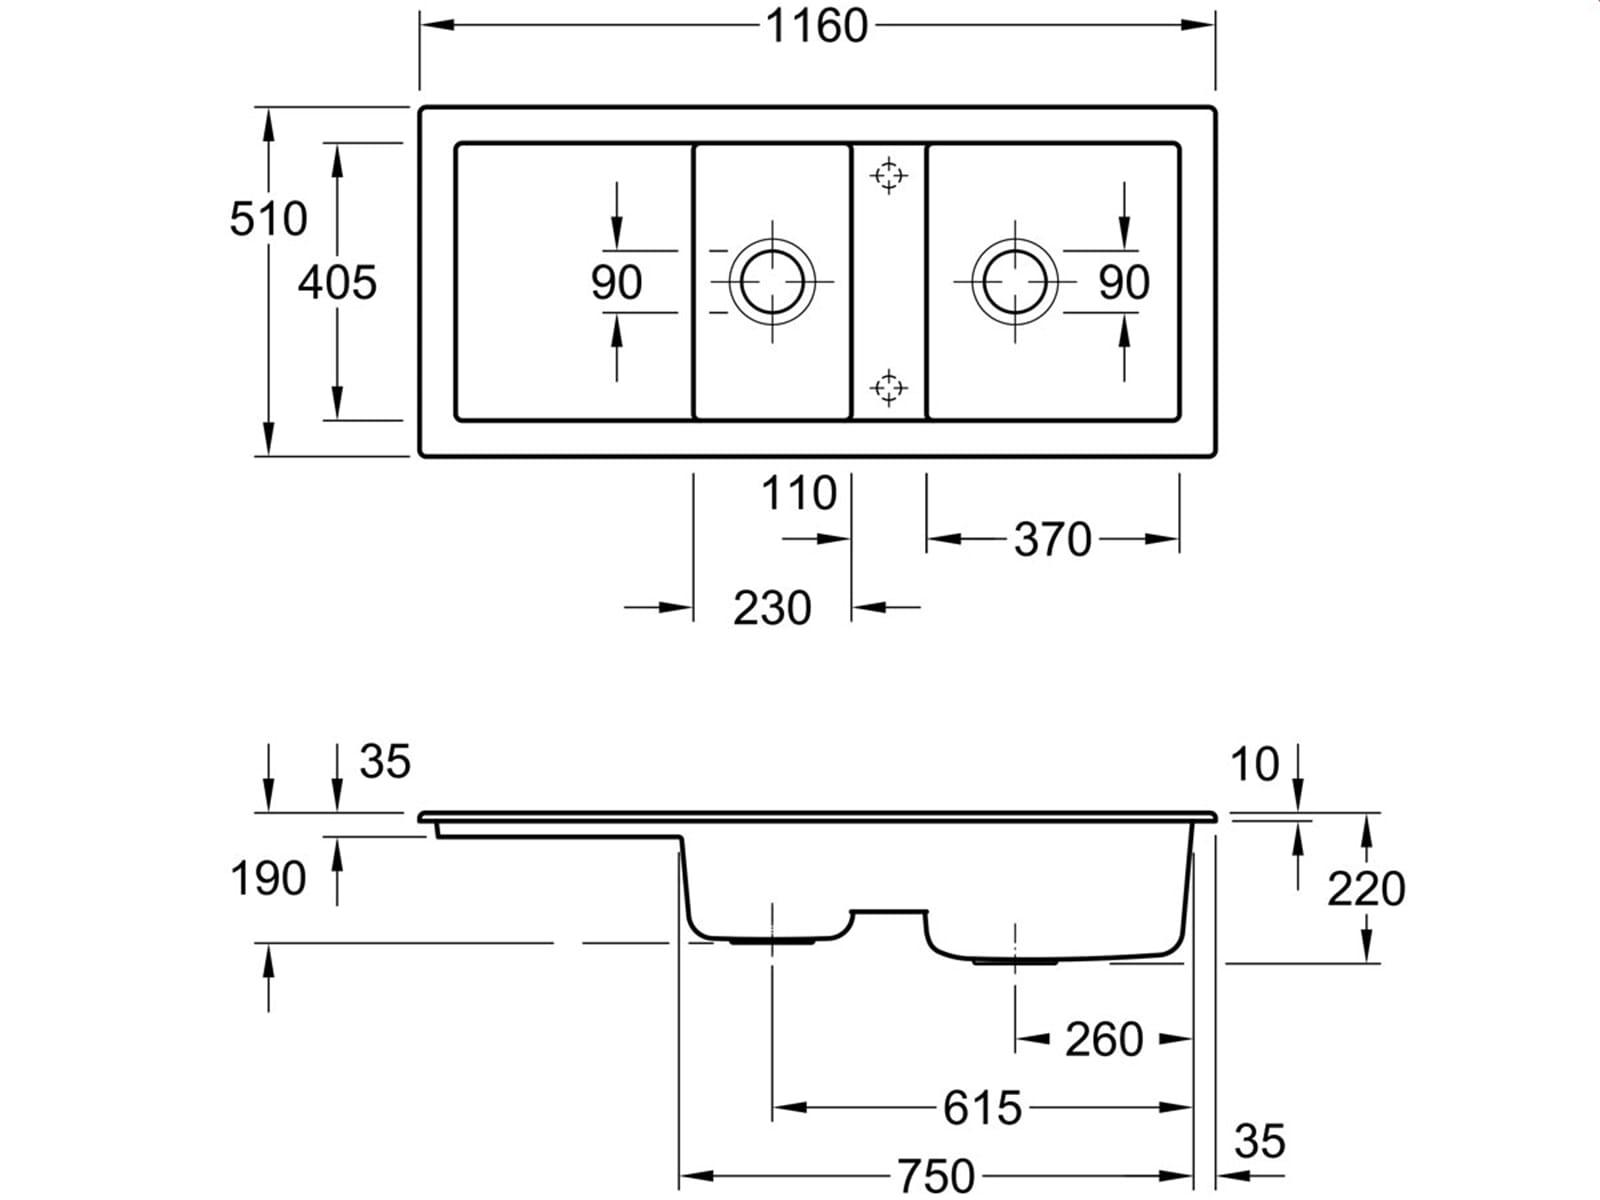 Villeroy & Boch Subway 80 Timber - 6726 01 TR Keramikspüle Handbetätigung